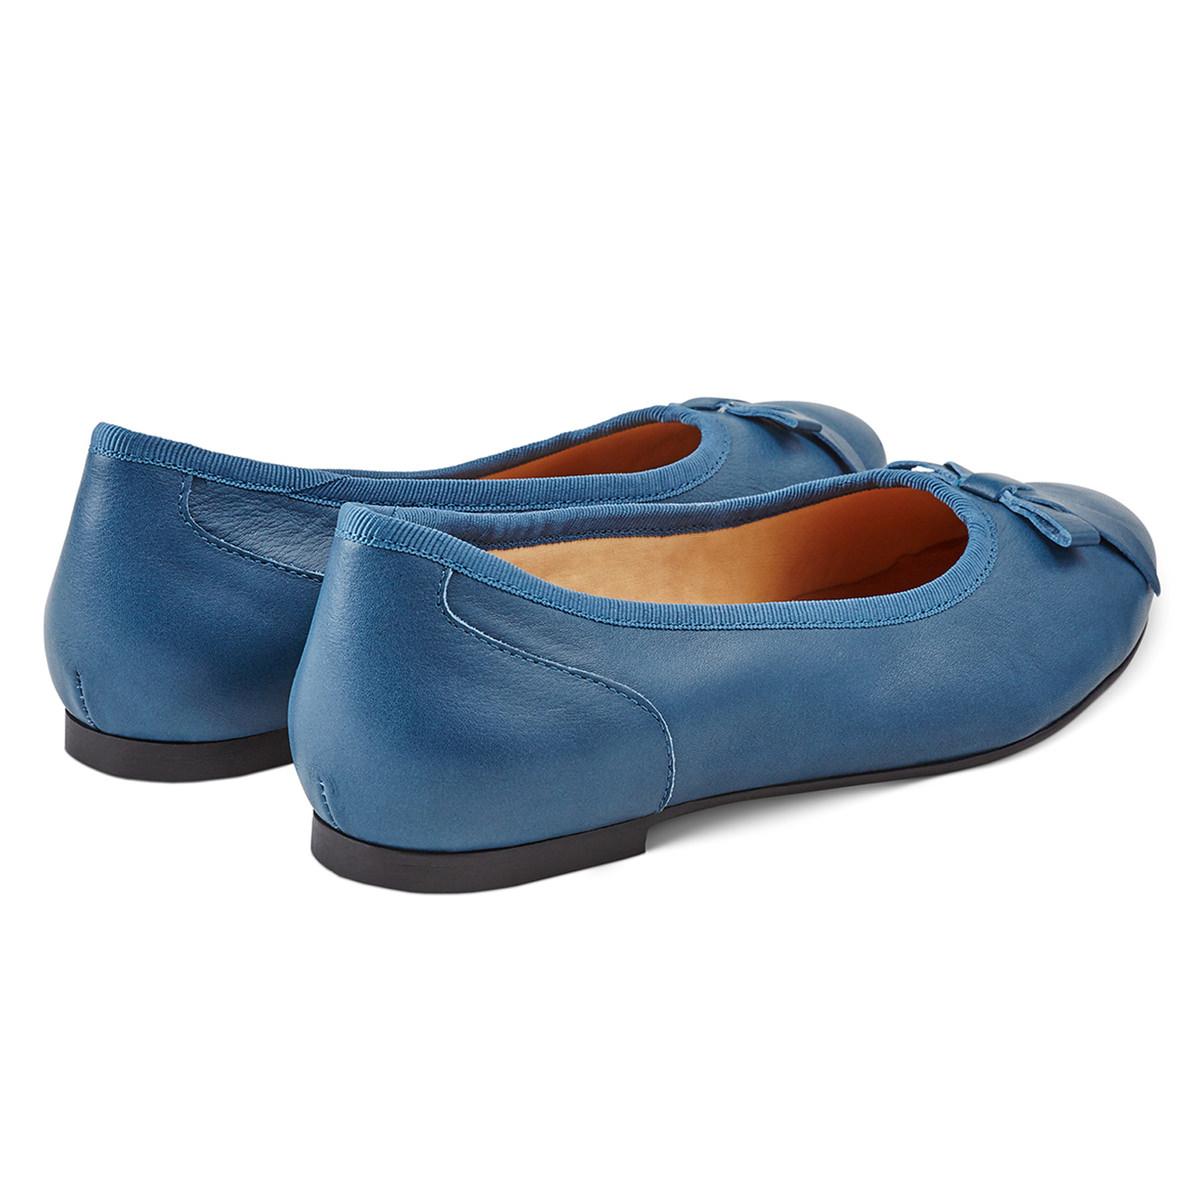 Ballerina mit Schleife Blau szpujB7jrm